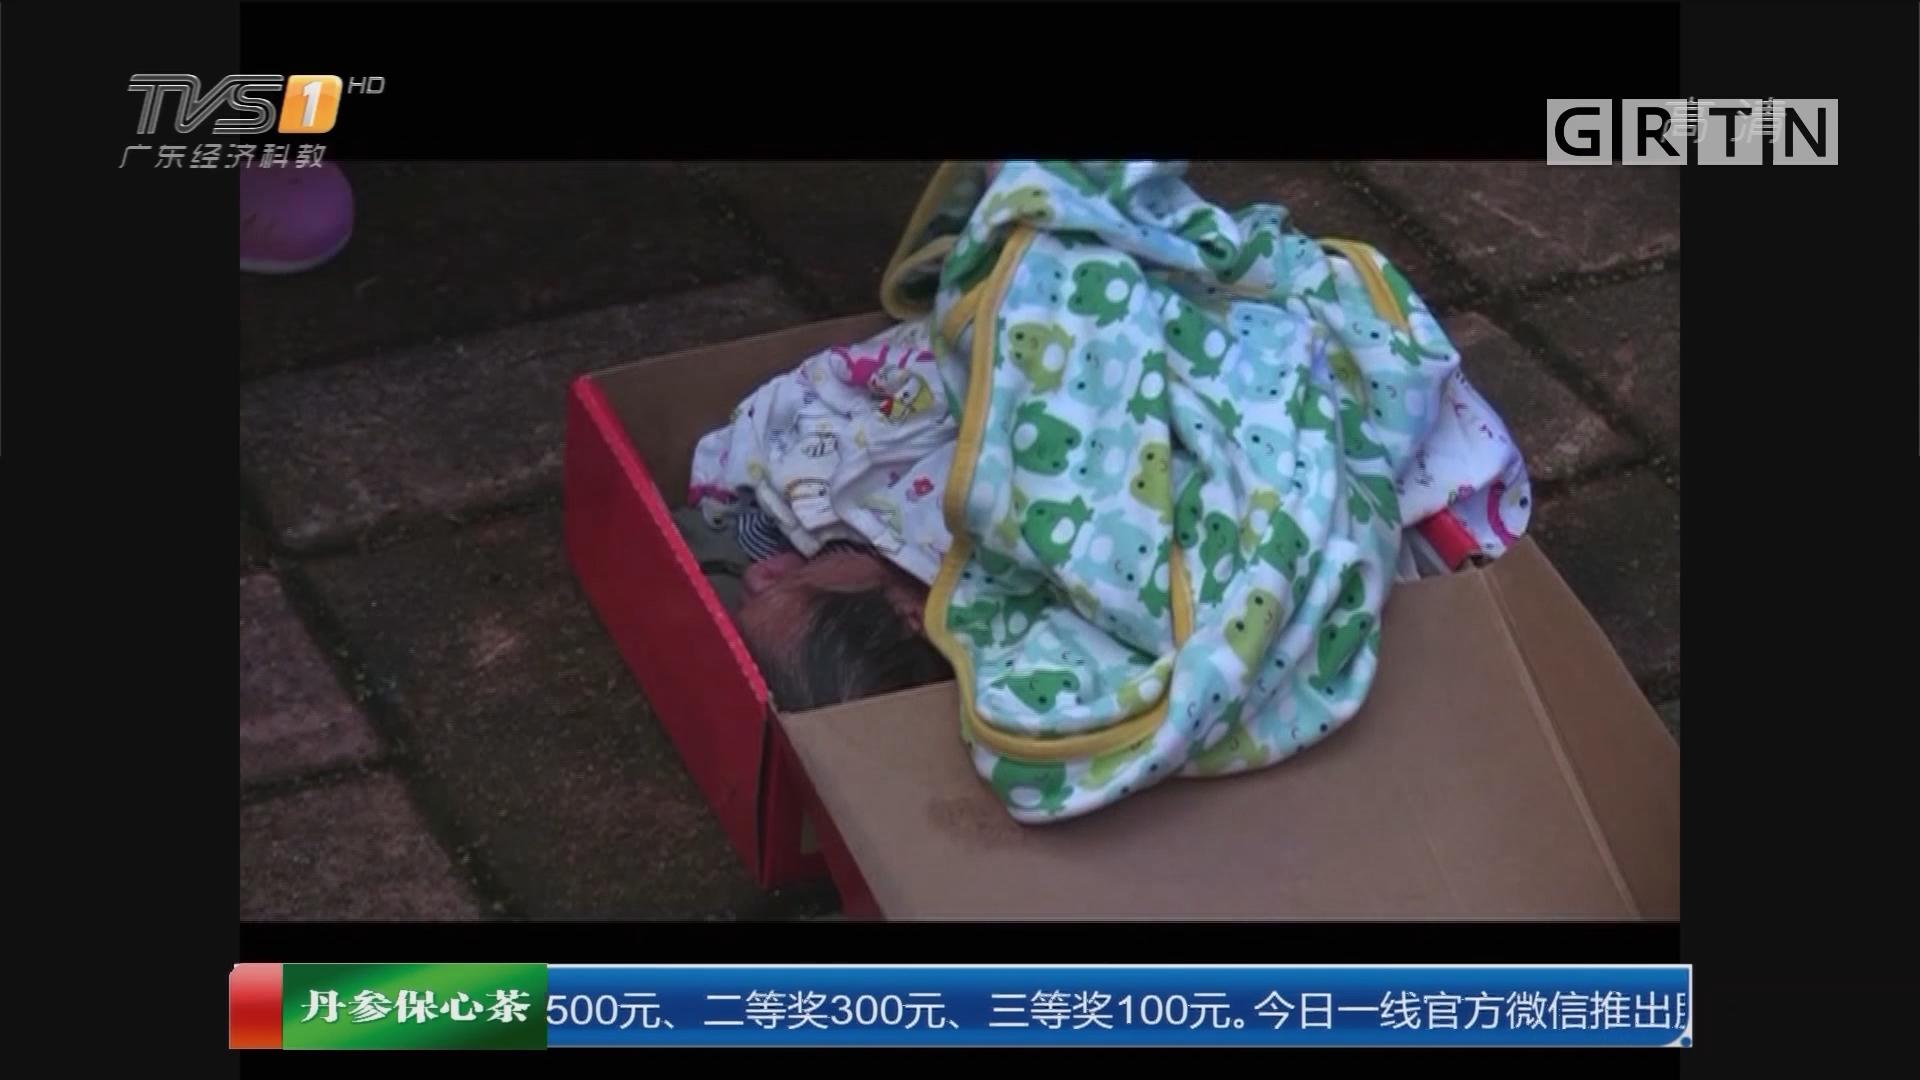 梅州:鞋盒装弃婴 警方介入调查